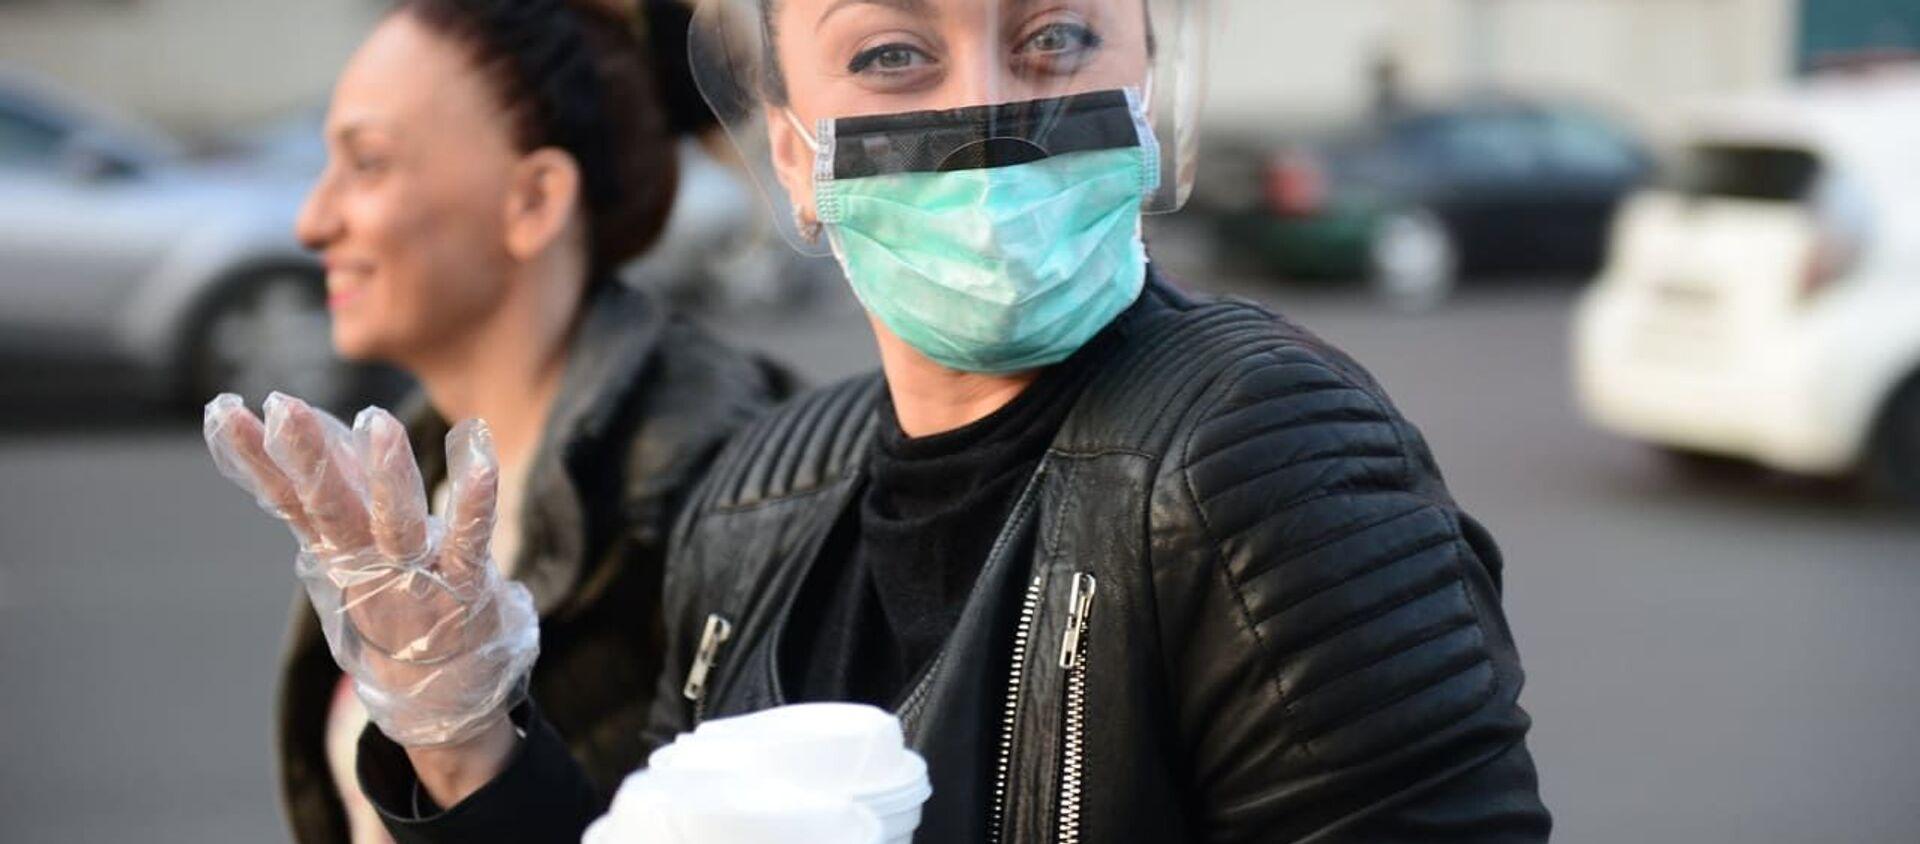 Женщина в медицинской защитной маске и перчатках во время мер по превенции коронавируса - Sputnik Грузия, 1920, 12.02.2021